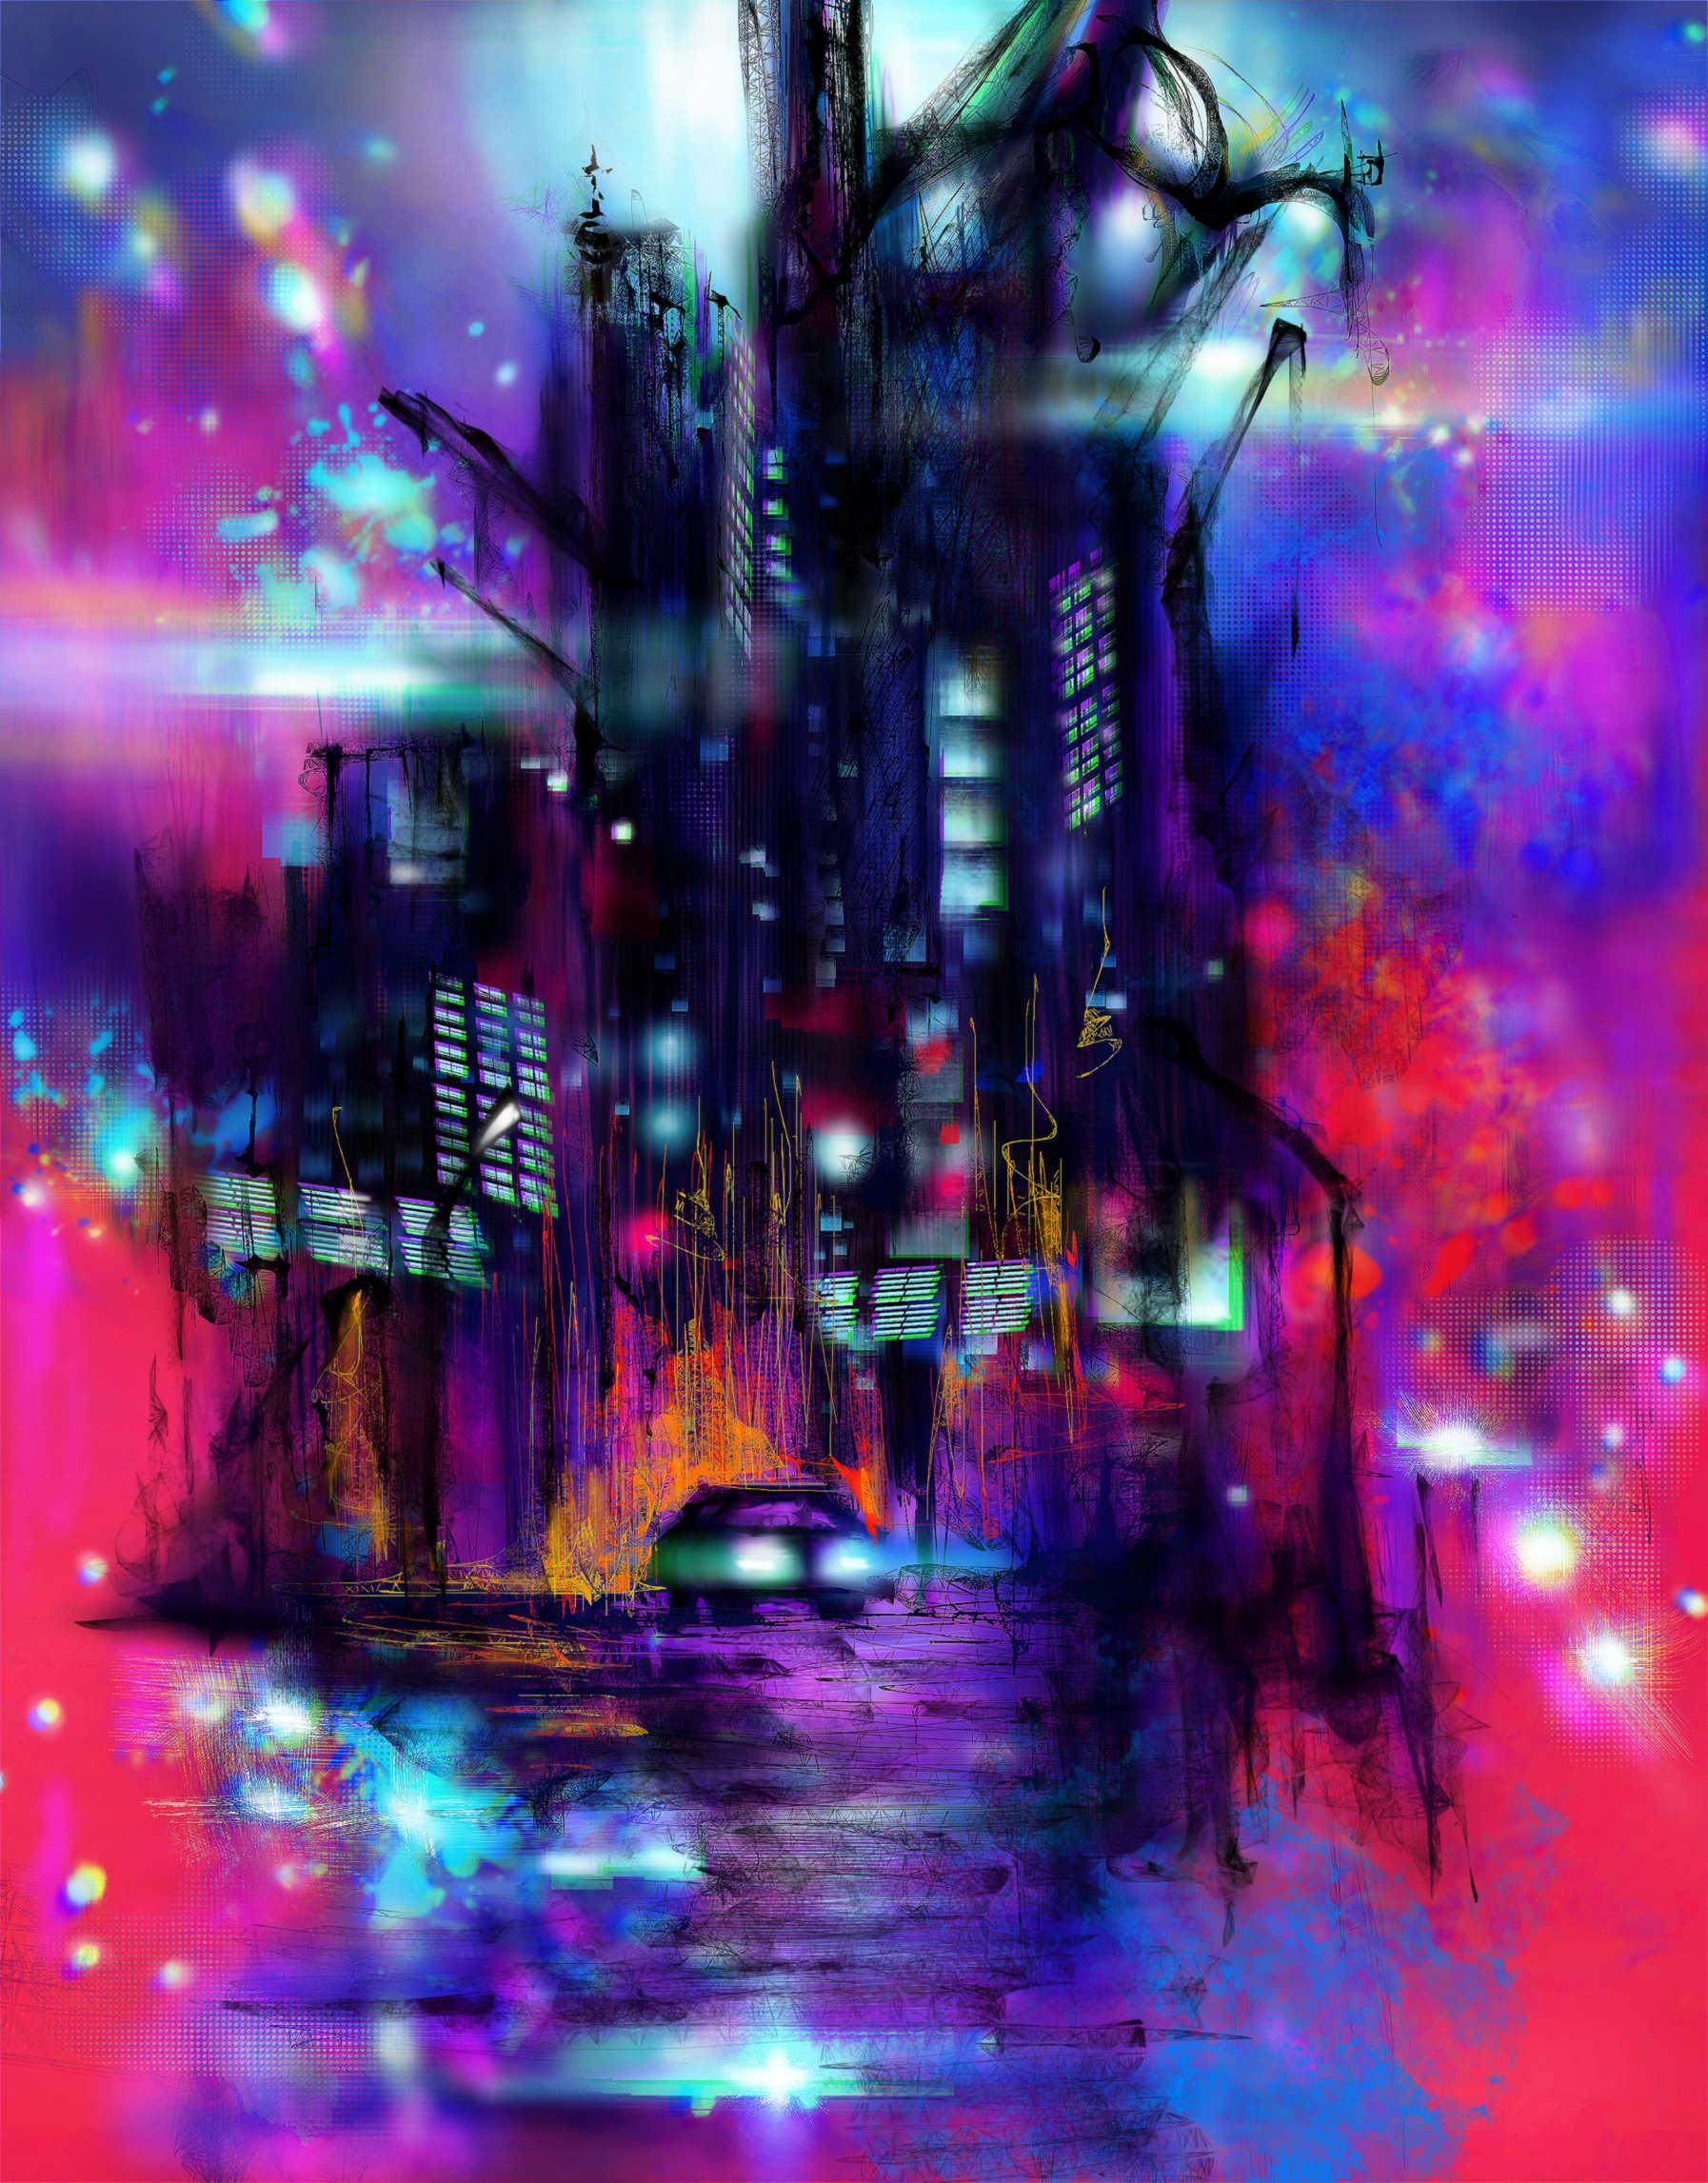 Szilagyi szilard vaporwave04 arst